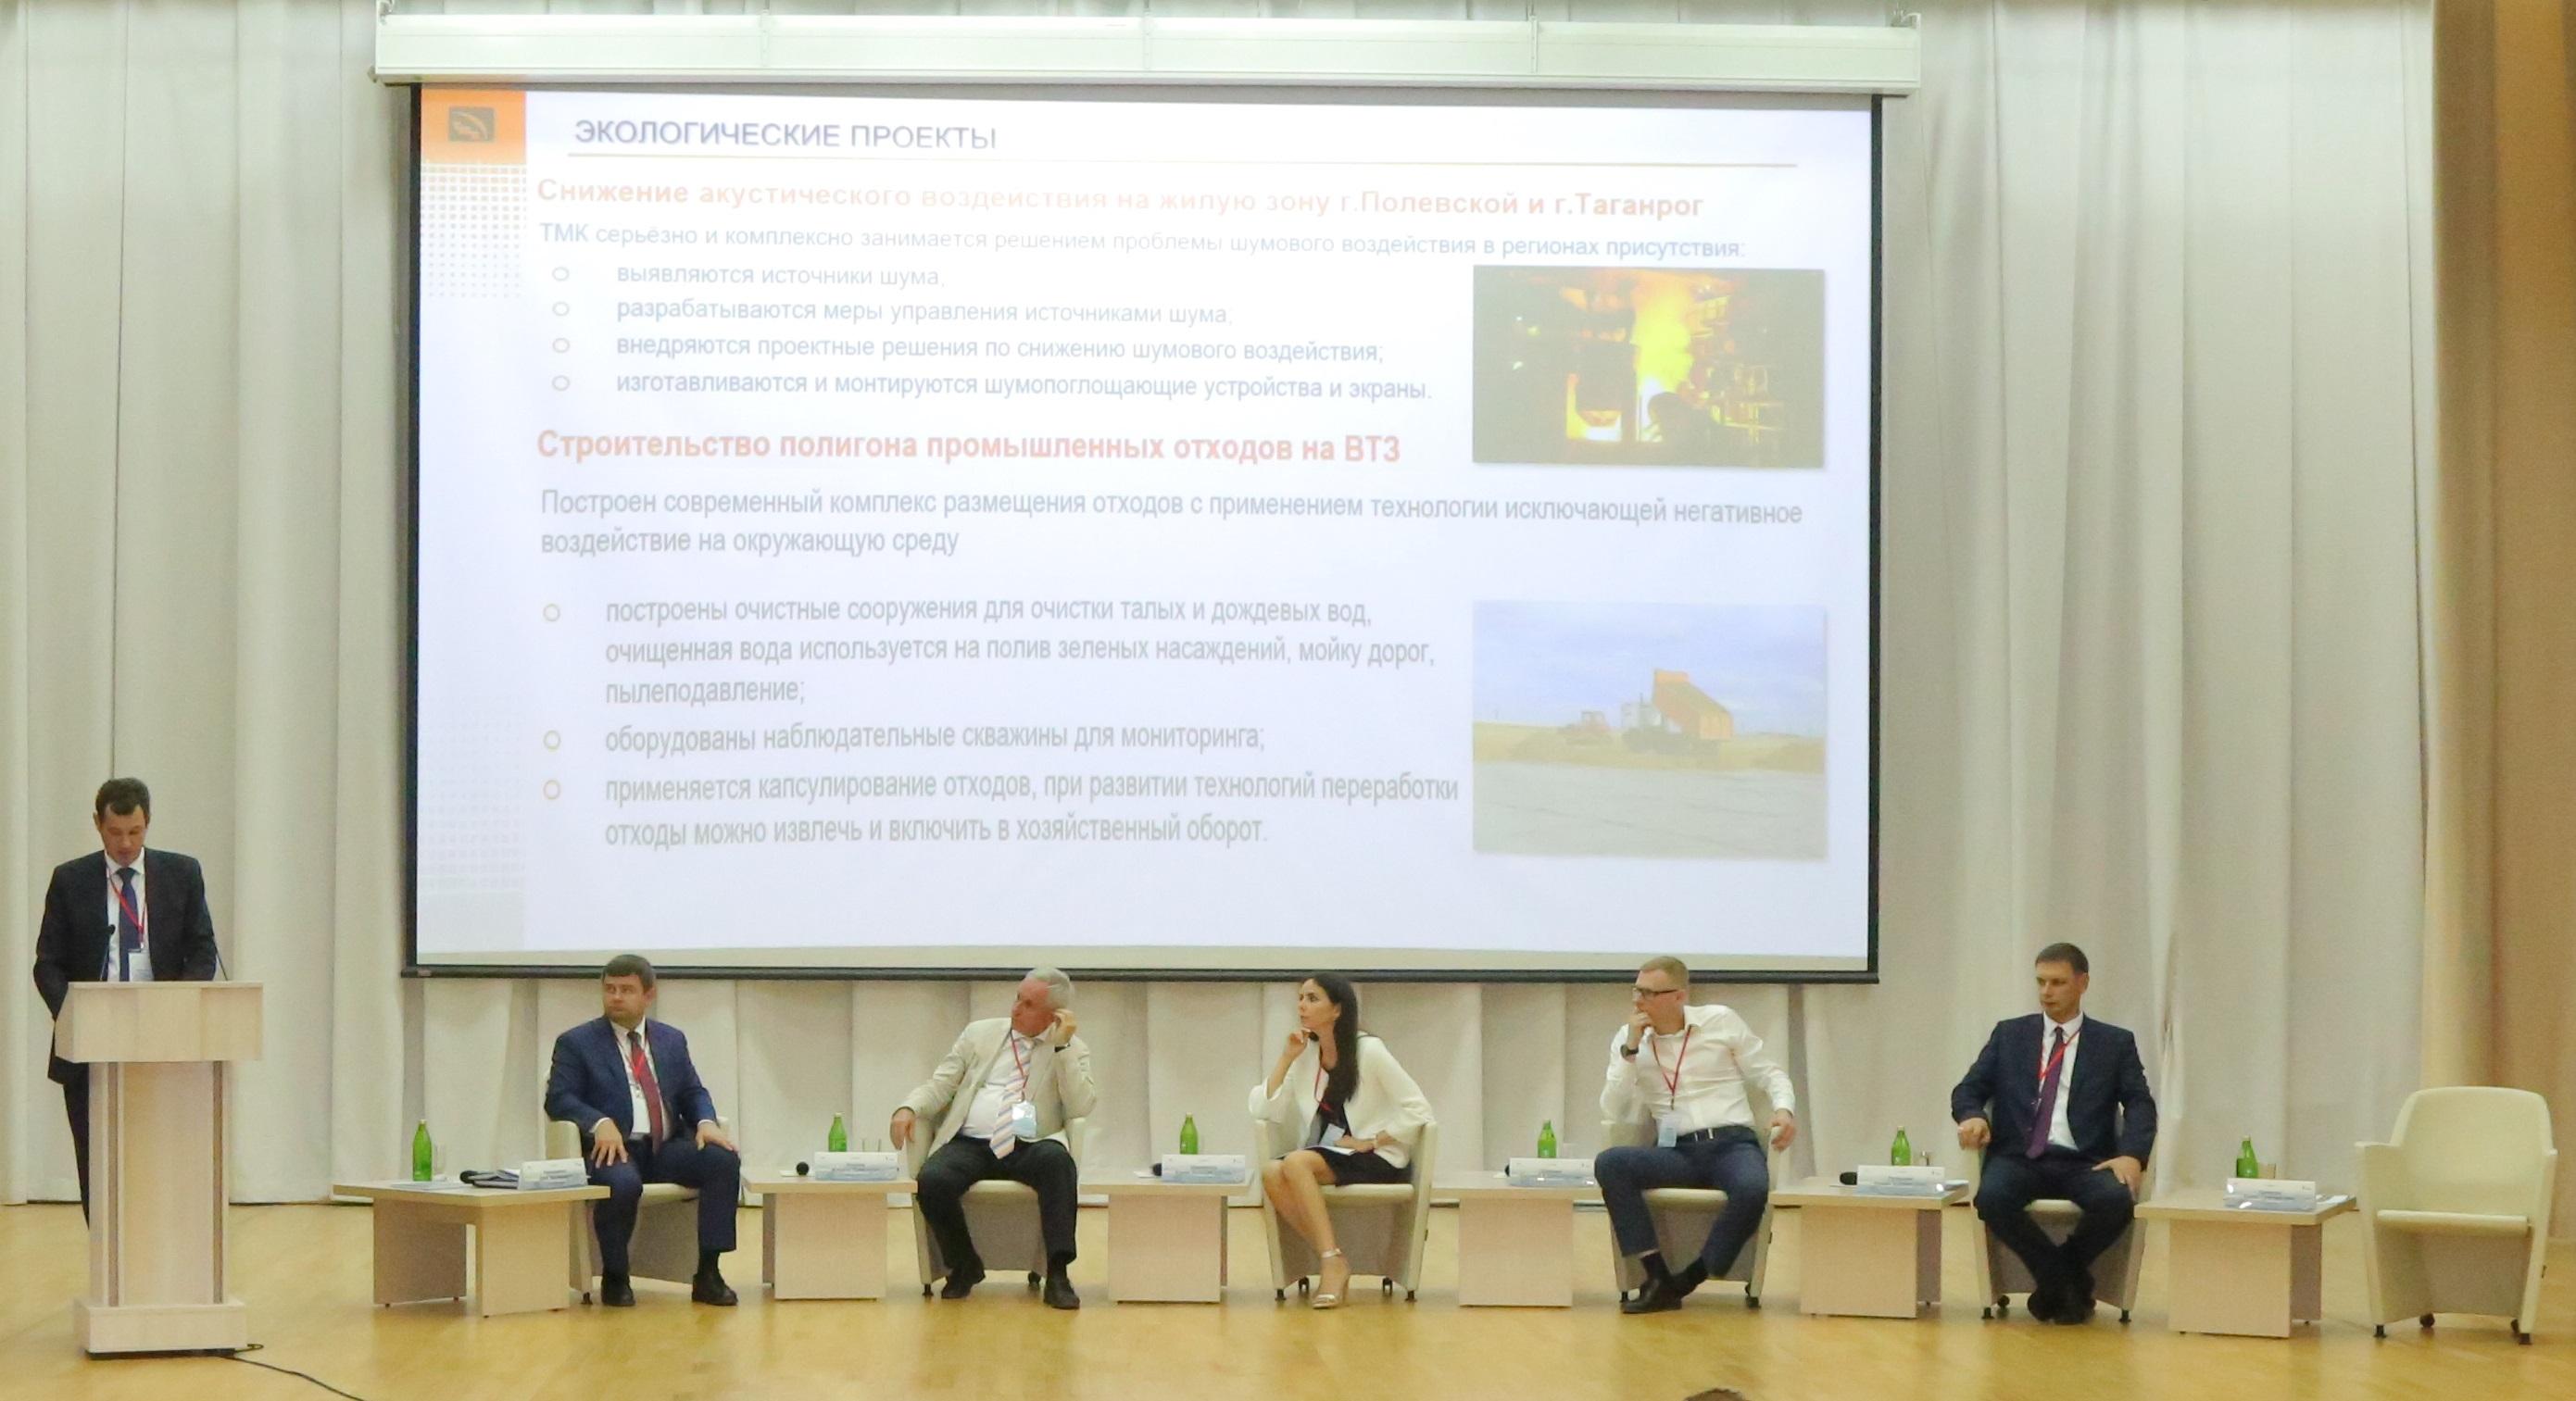 ТМК приняла участие в конгрессе «Русской Стали», посвященном охране труда, промышленной безопасности и экологии